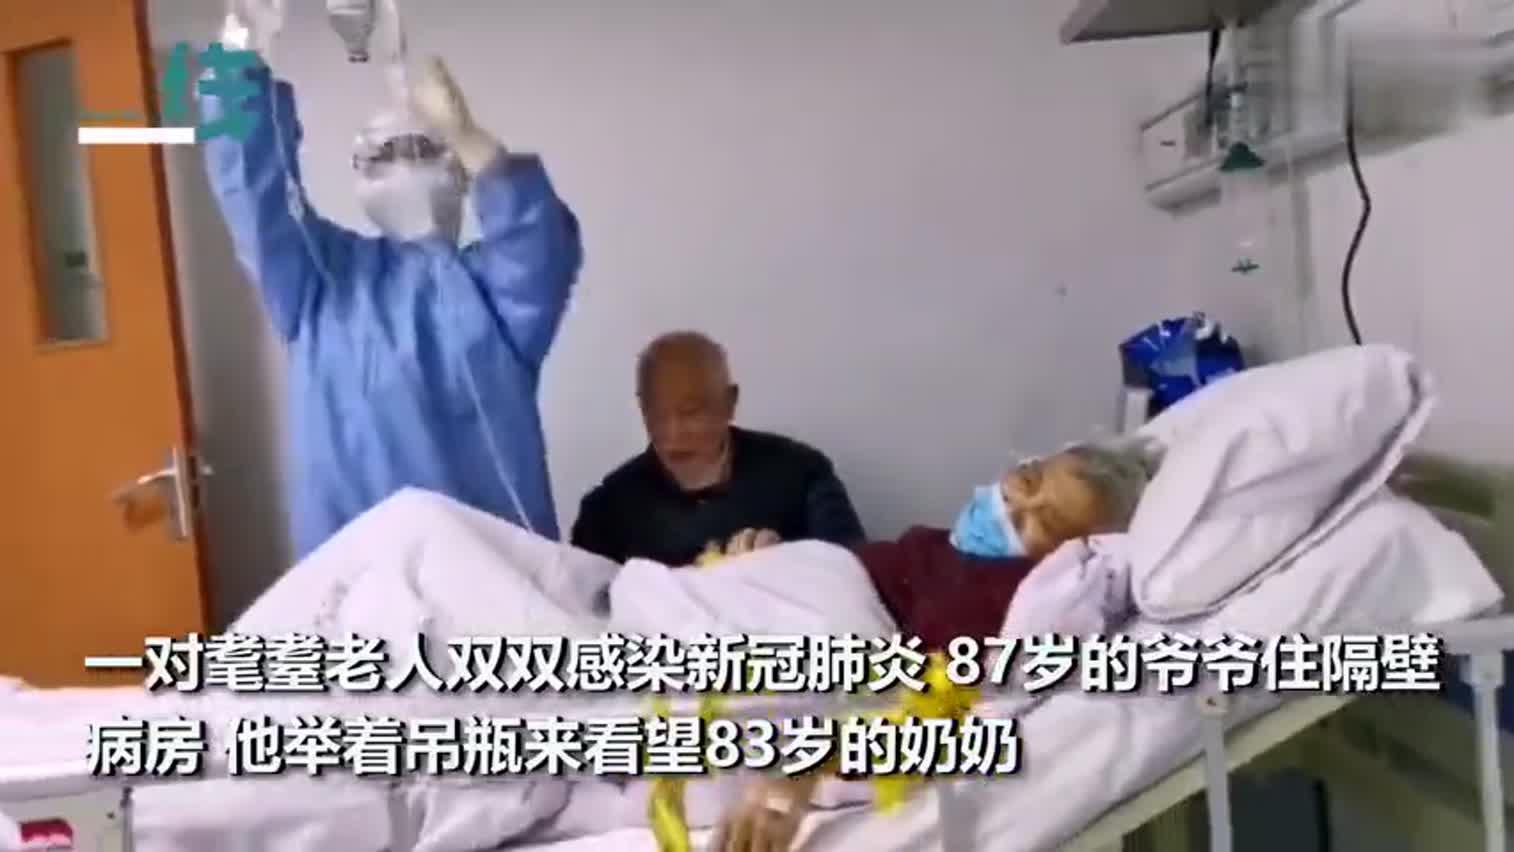 视频-87岁爷爷举吊瓶看83岁奶奶 病床前的一幕